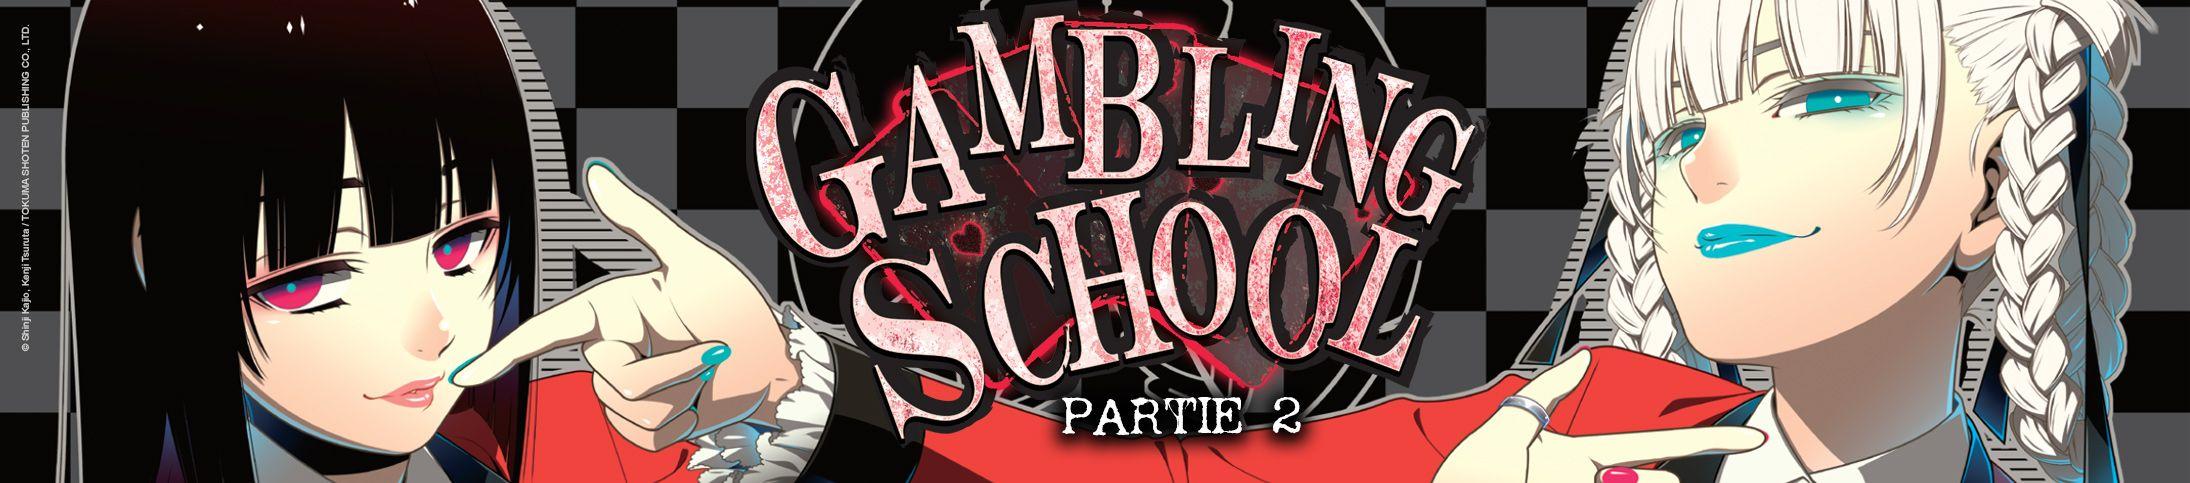 Dossier - Gambling School - partie 2